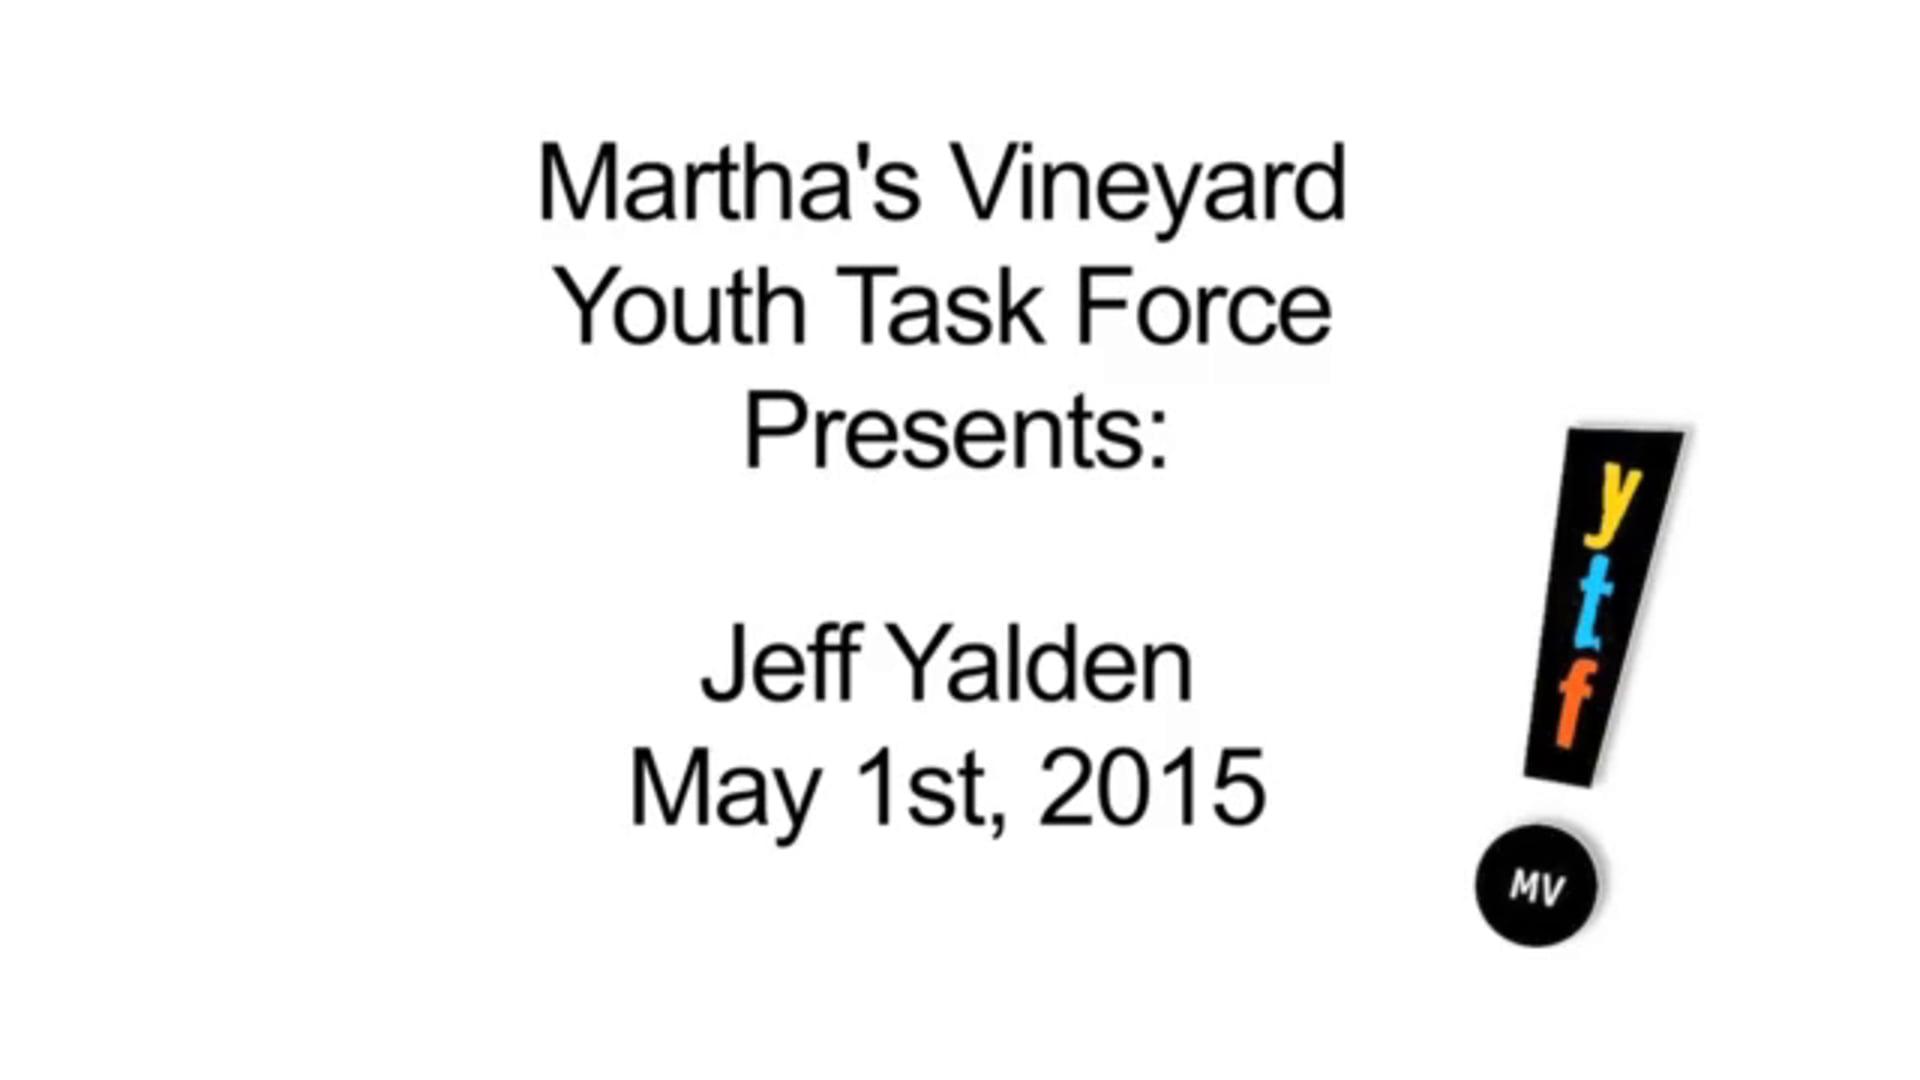 Jeff Yalden